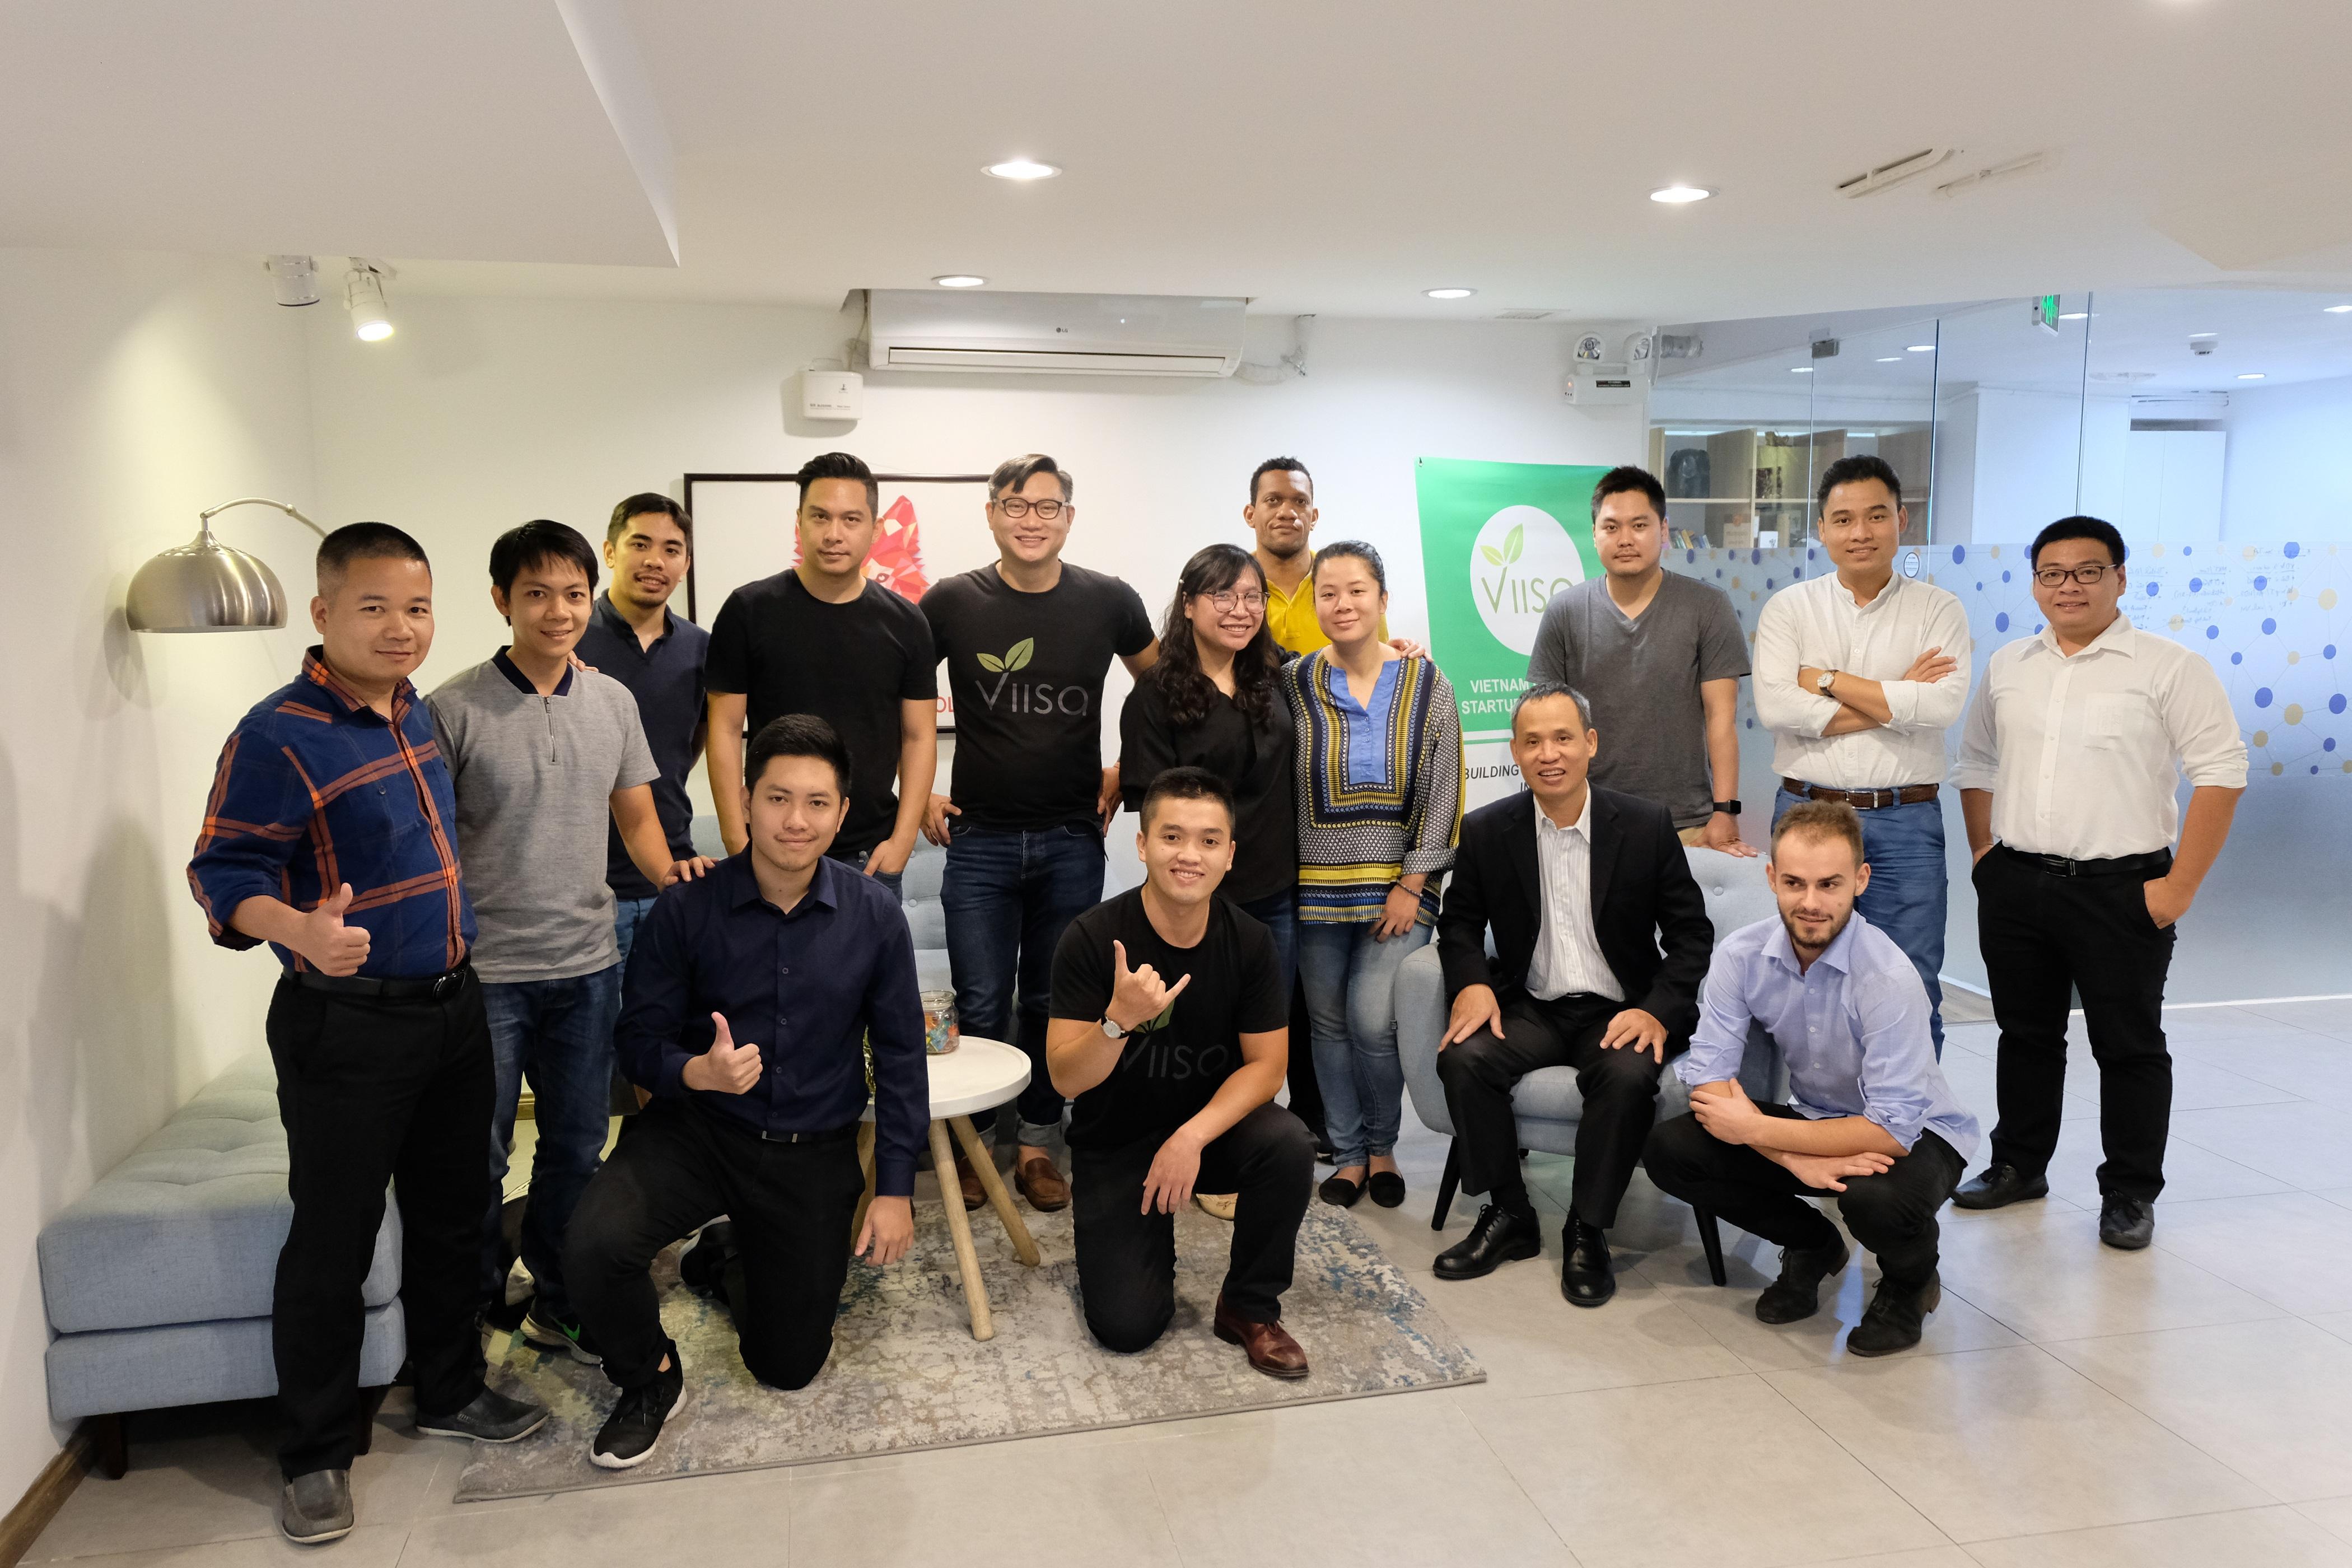 Quỹ tăng tốc khởi nghiệp Việt Nam tiếp tục đào tạo và đầu tư cho 4 startups khóa 3